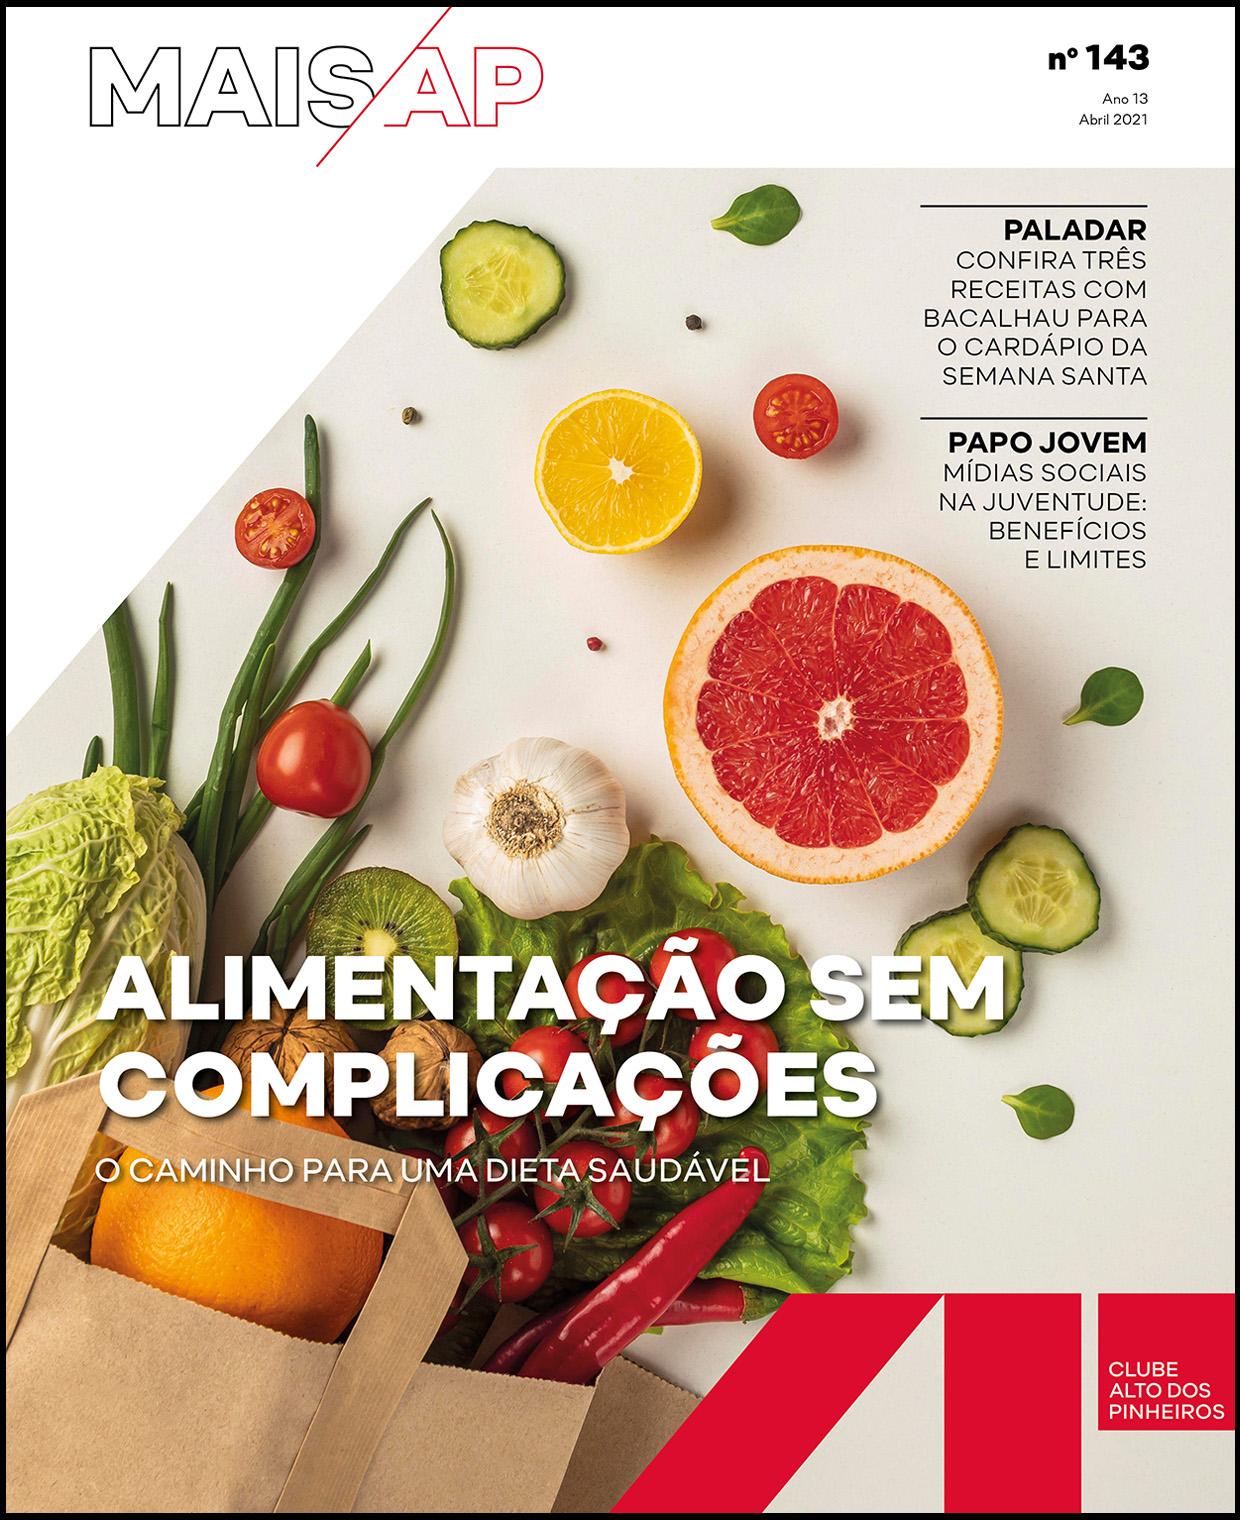 https://www.clubeap.com.br/wp-content/uploads/2021/04/maisap-143-capa-2.jpg